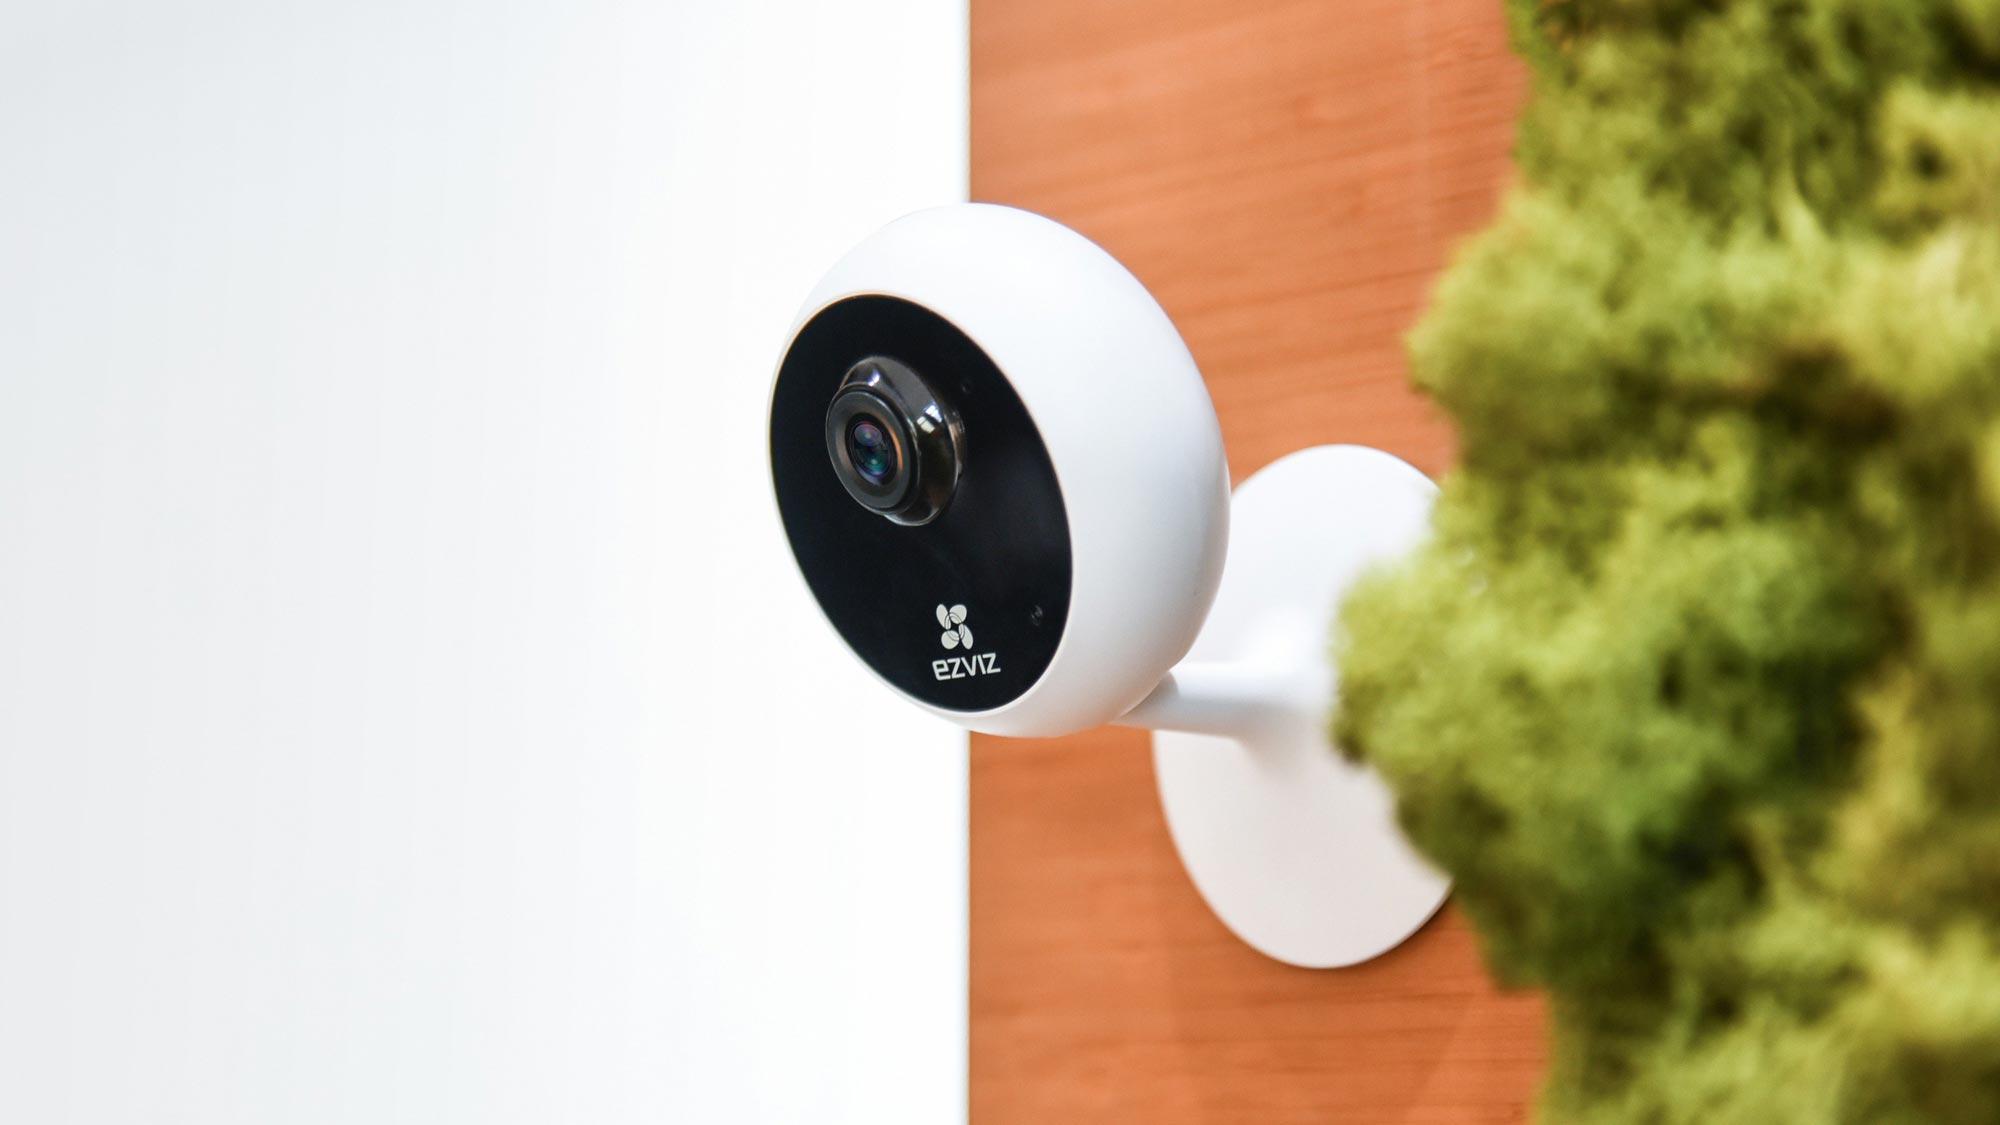 How to Stream Live Video From EZVIZ Camera